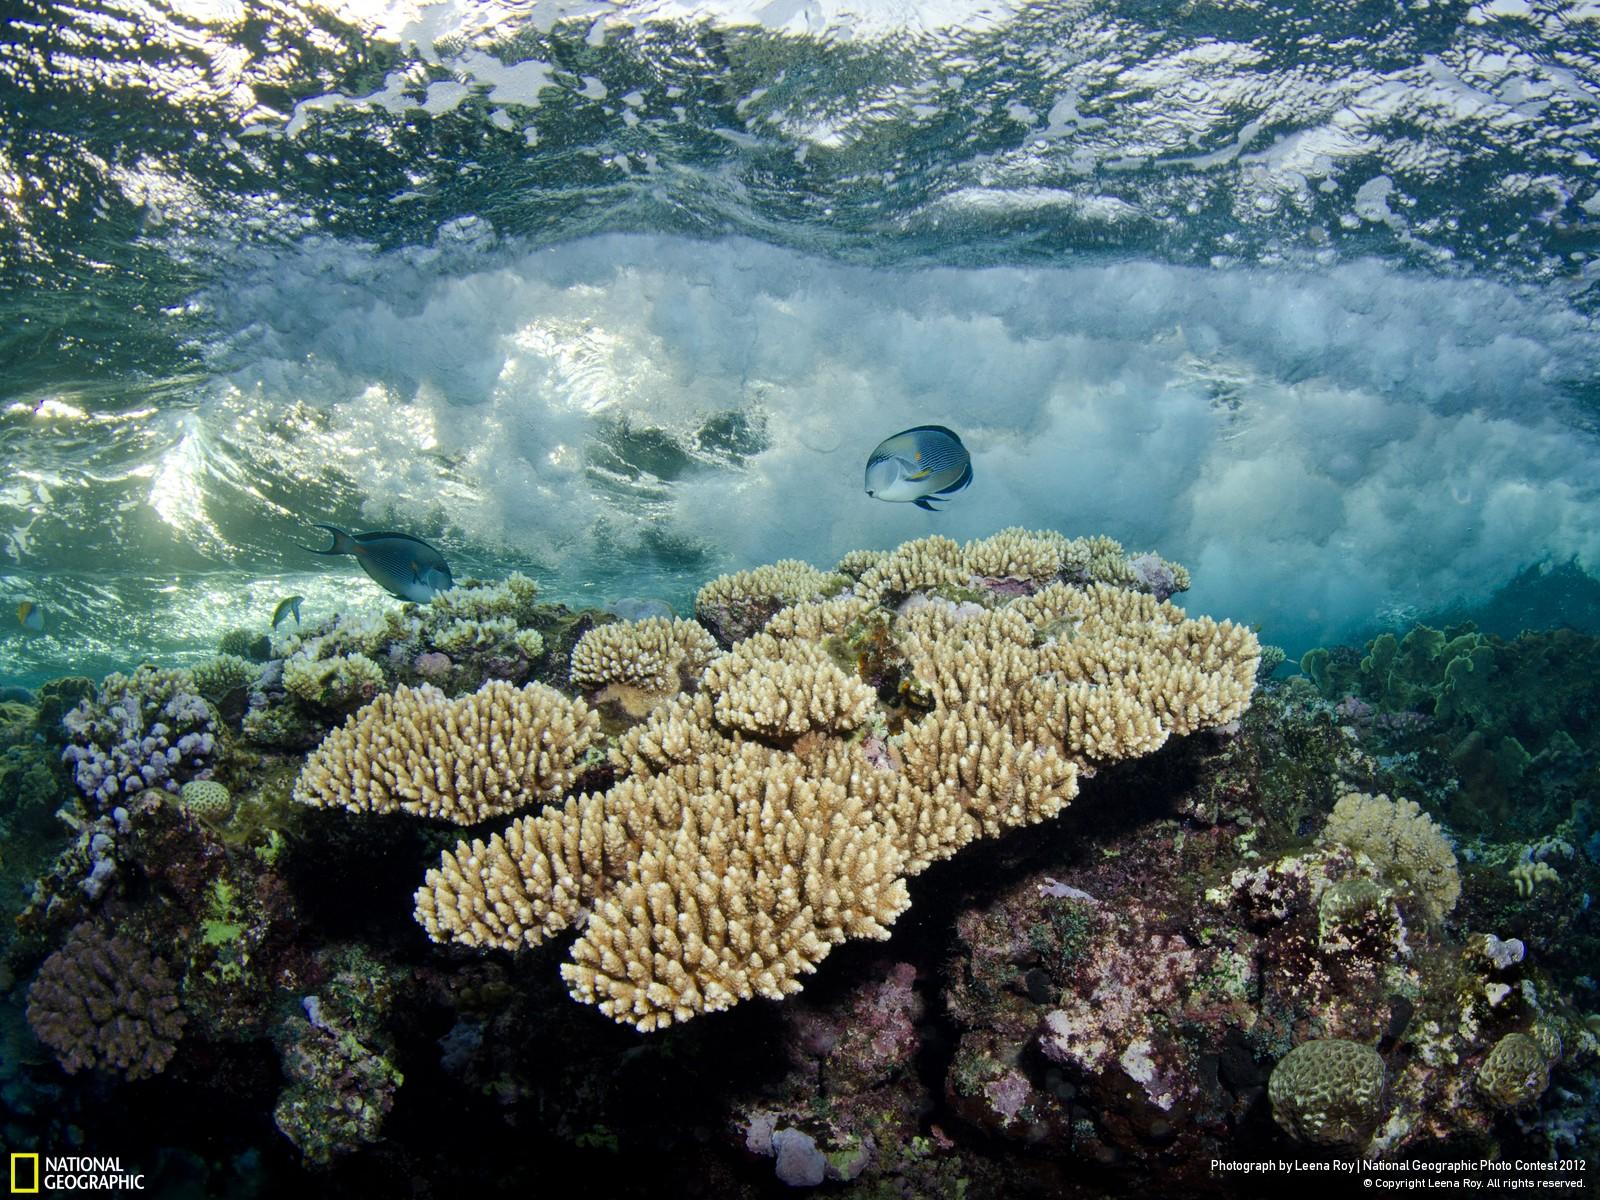 15 Лучшие фотографии за 2012 год по версии National Geographic